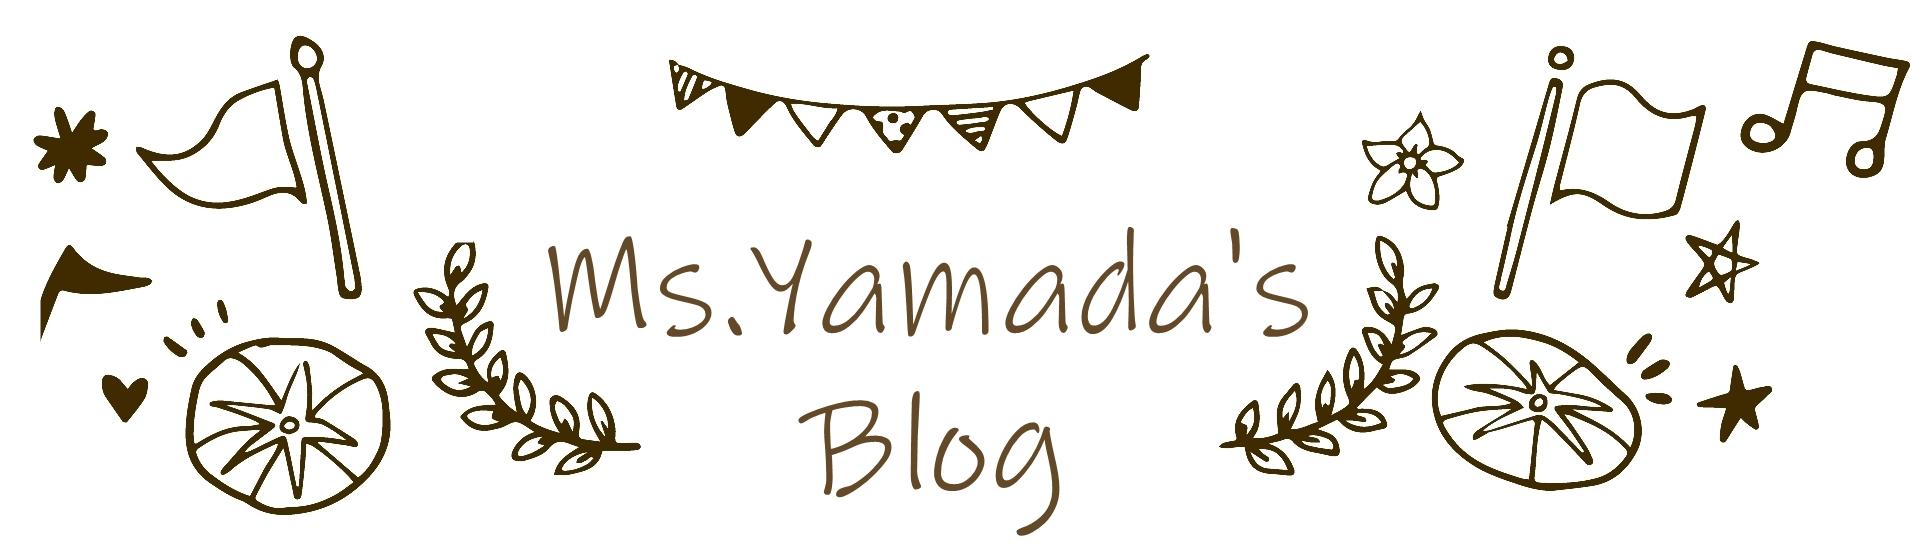 幼児教育 ブログ - Ms.Yamada's Blog